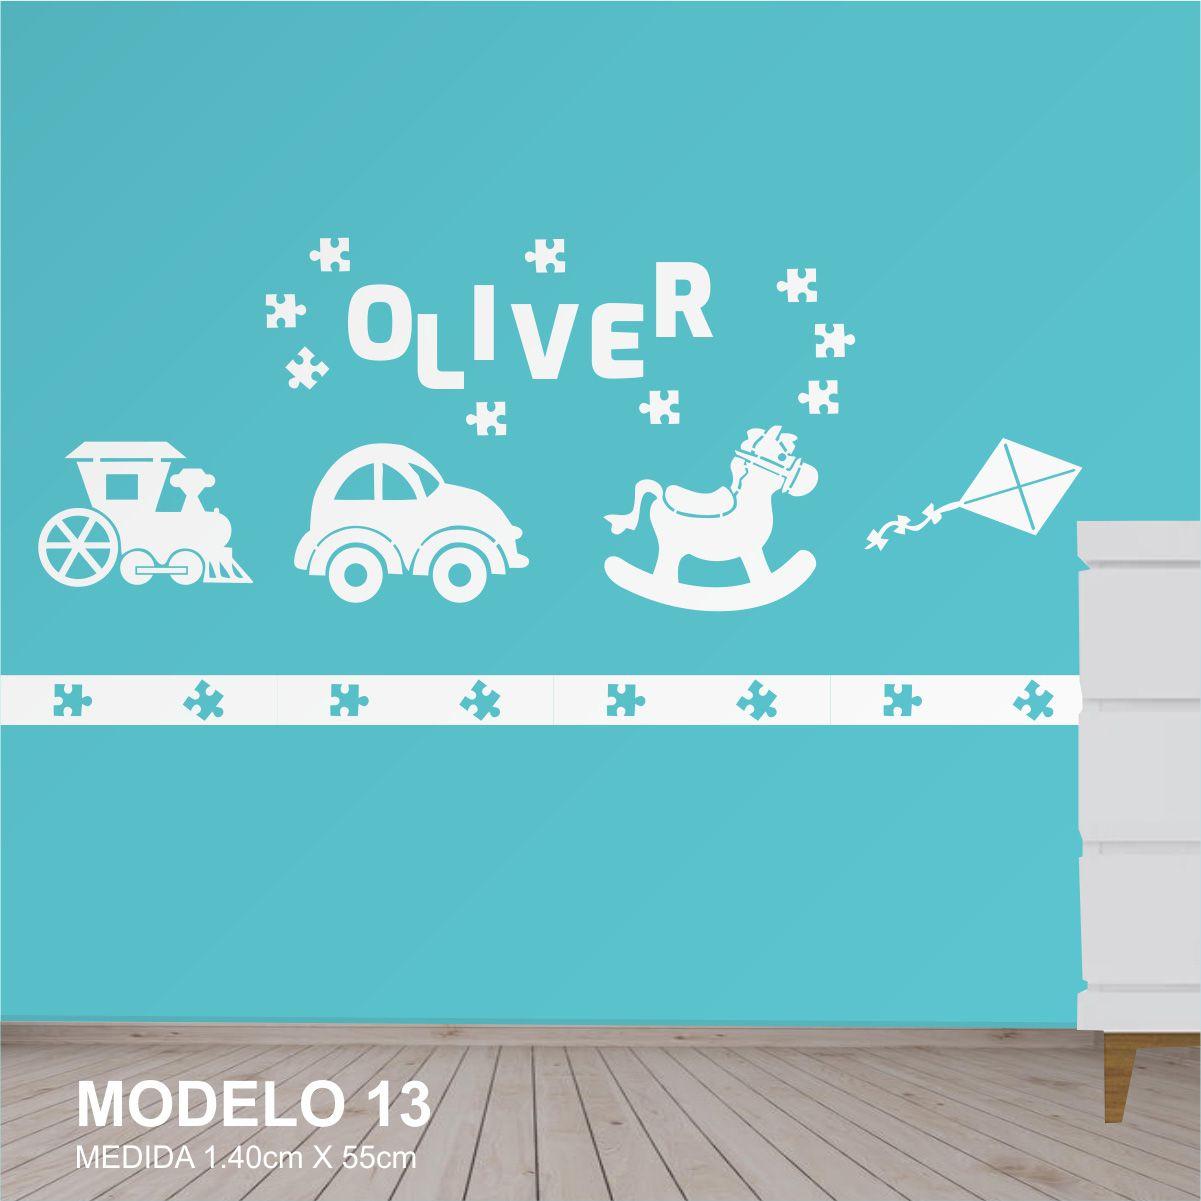 Painel Decorativo Para Quarto Infantil Menino Brinquedos Mdf